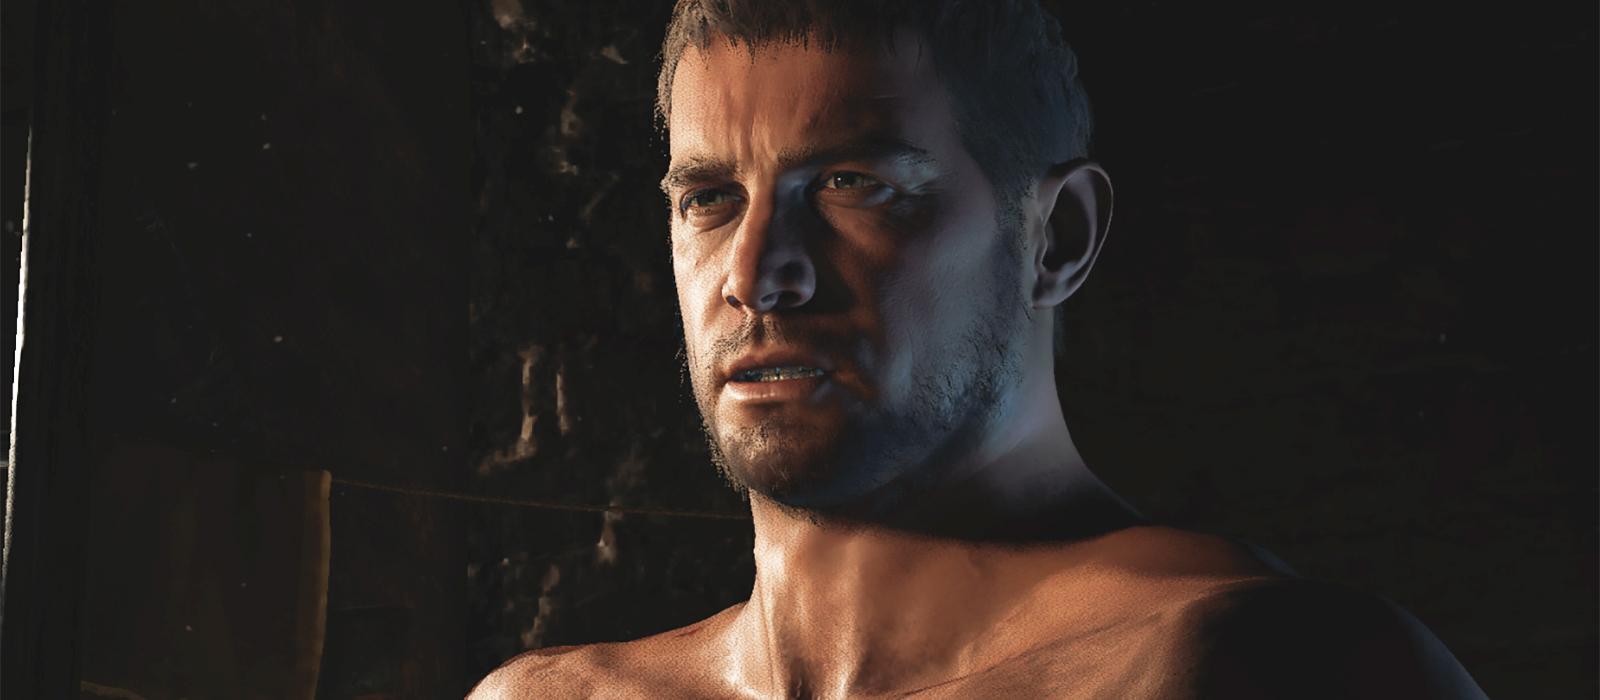 Chris Redfield von RE Village ist erneut ein Opfer von Moddern.  Diesmal wurde er nackt ausgezogen und angemacht